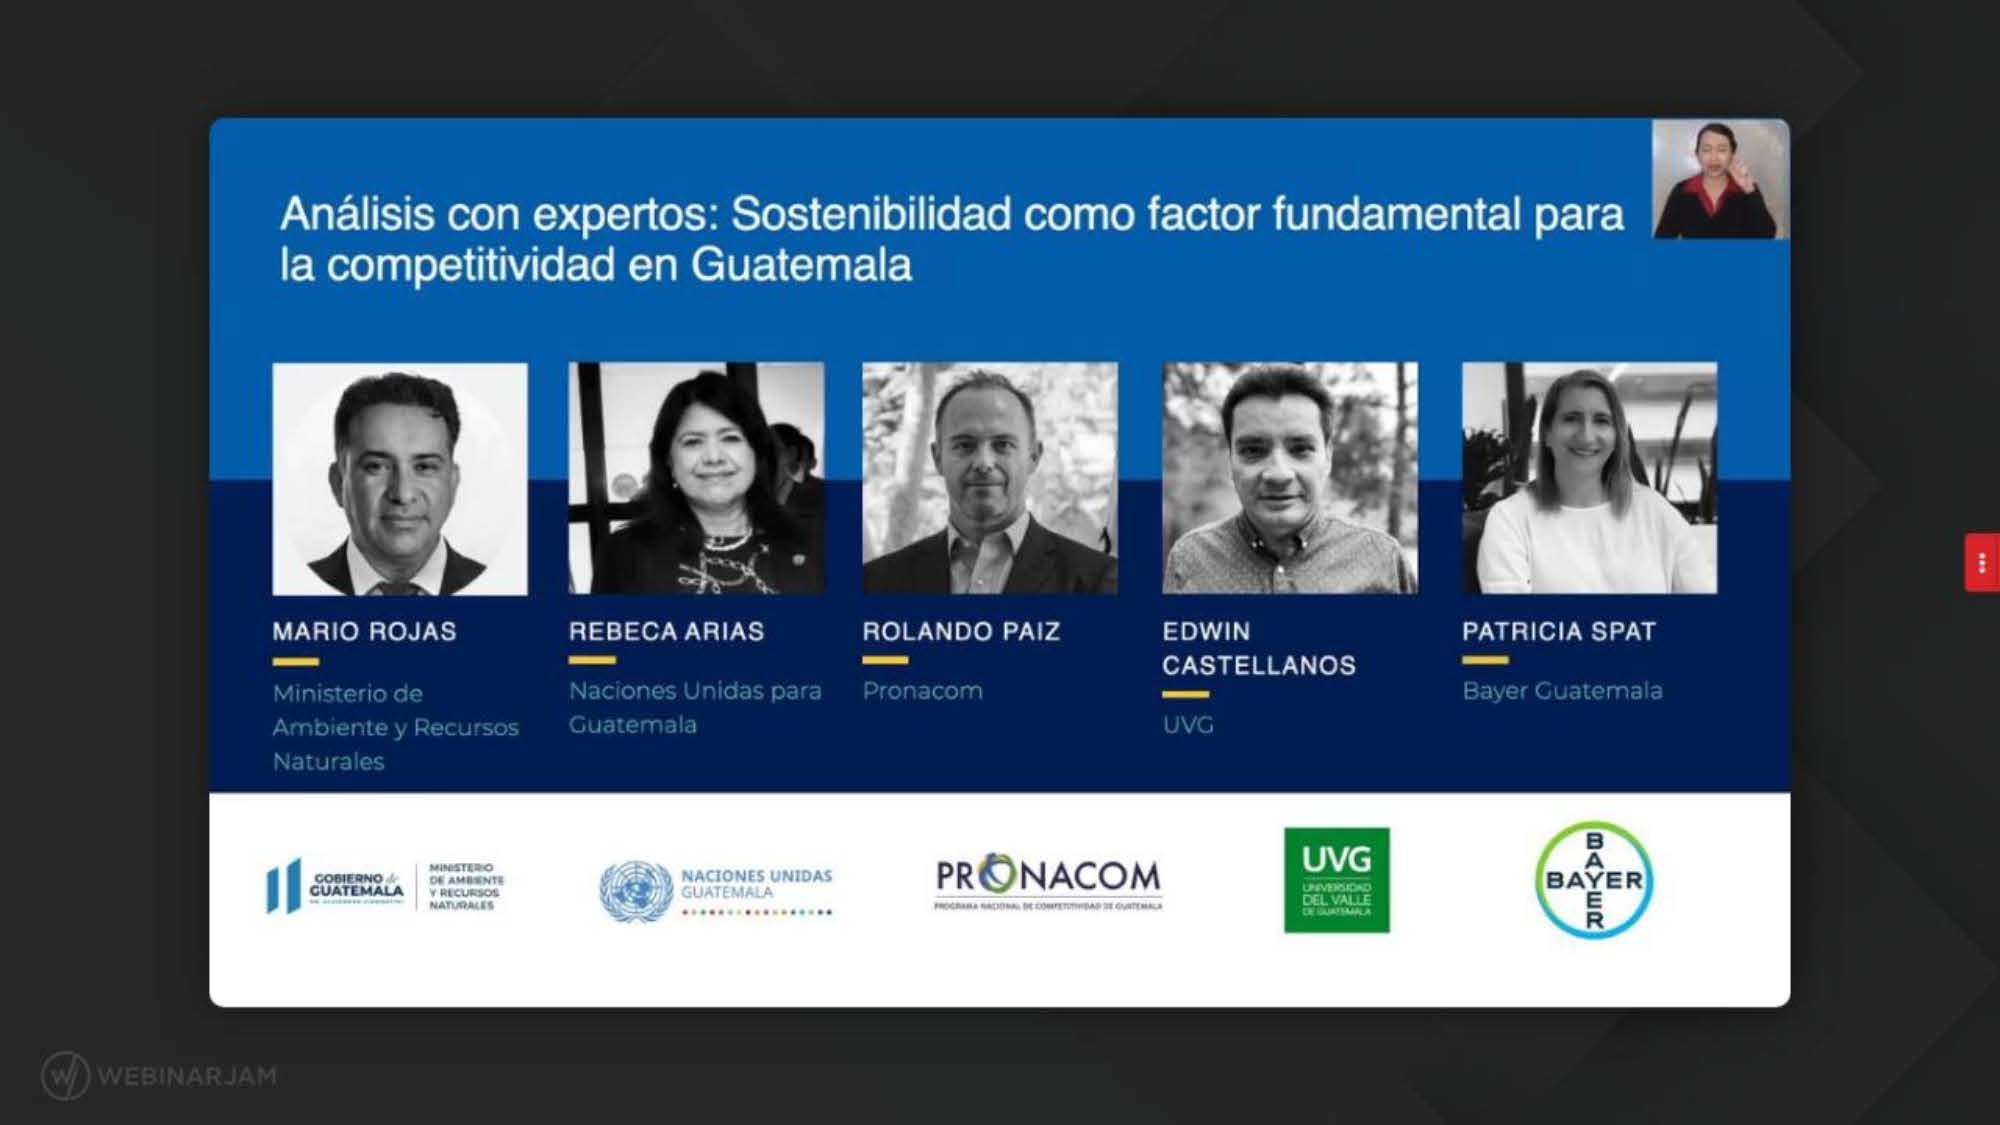 CentraRSE lanza nueva estrategia a 5 años y ambicioso plan operativo de sostenibilidad empresarial para el 2021